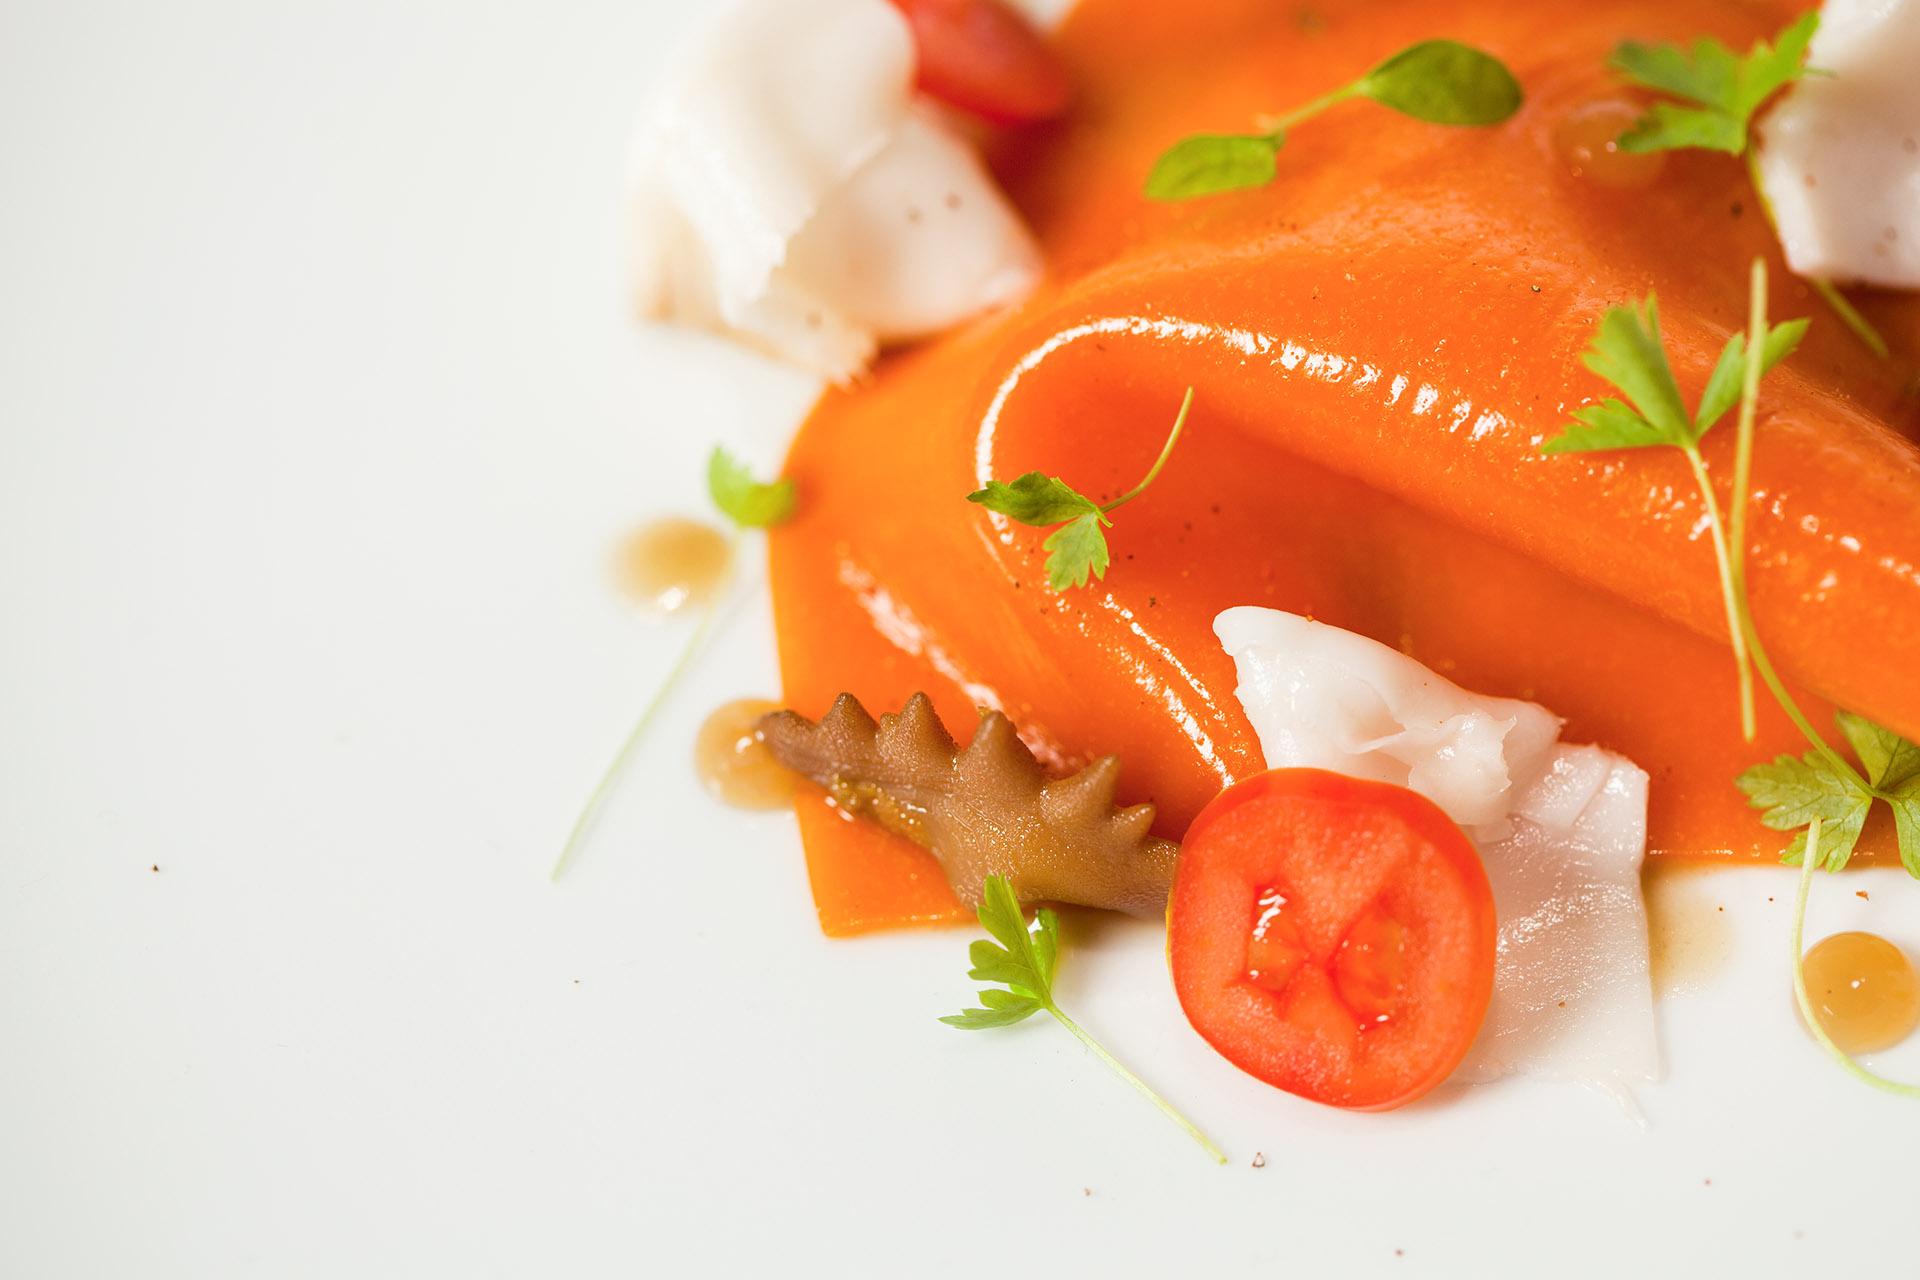 Fotografia food - copyright © _nf